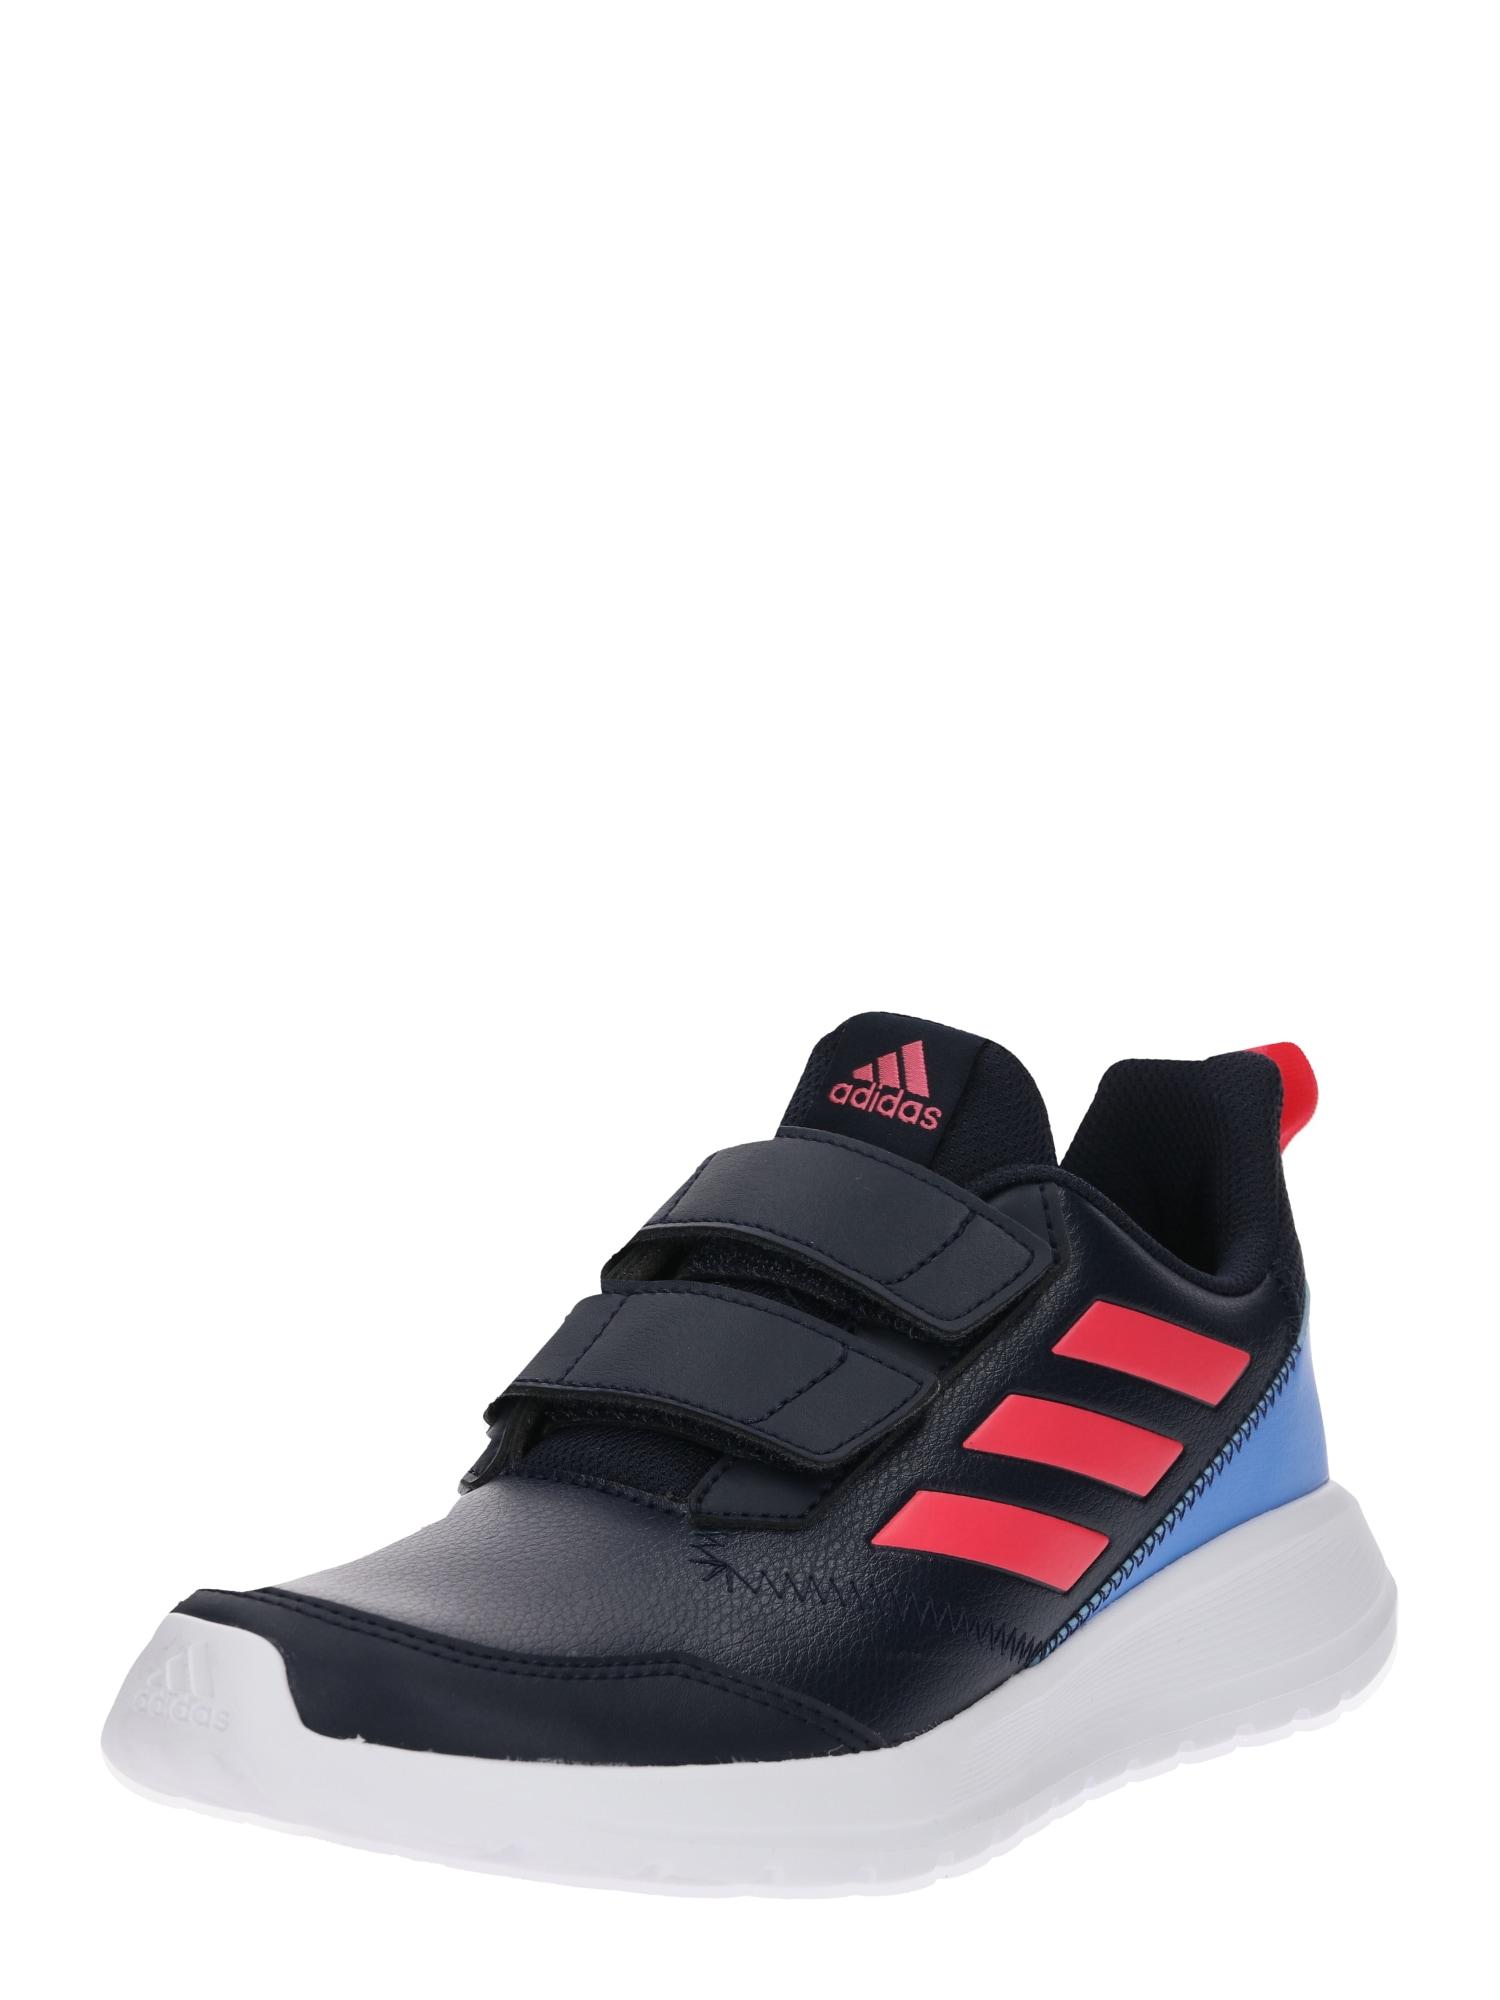 Sportovní boty AltaRun modrá svítivě červená černá ADIDAS PERFORMANCE